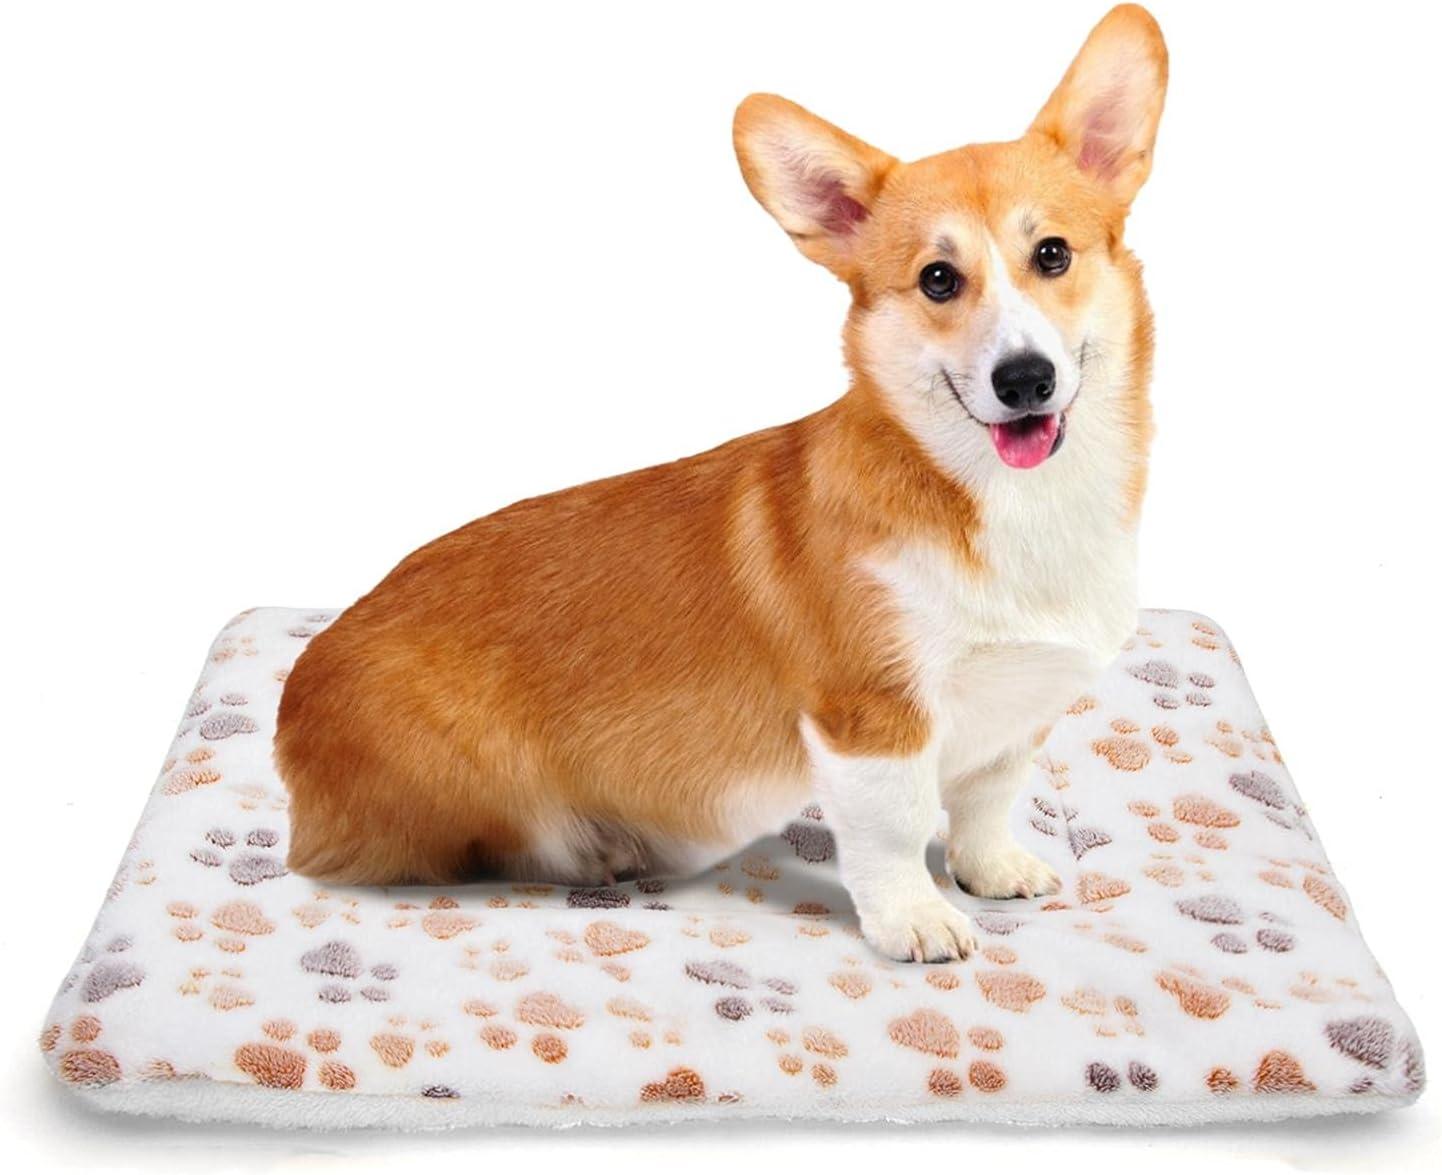 Nobleza Colchonetas para Camas para Perros, Mascotas Lavables a Mano y Lavables a Máquina Manta para Perros, Mantas Cálidas De para Gatos y Perros para Camas De Perros, Sofás 70 × 55 cm